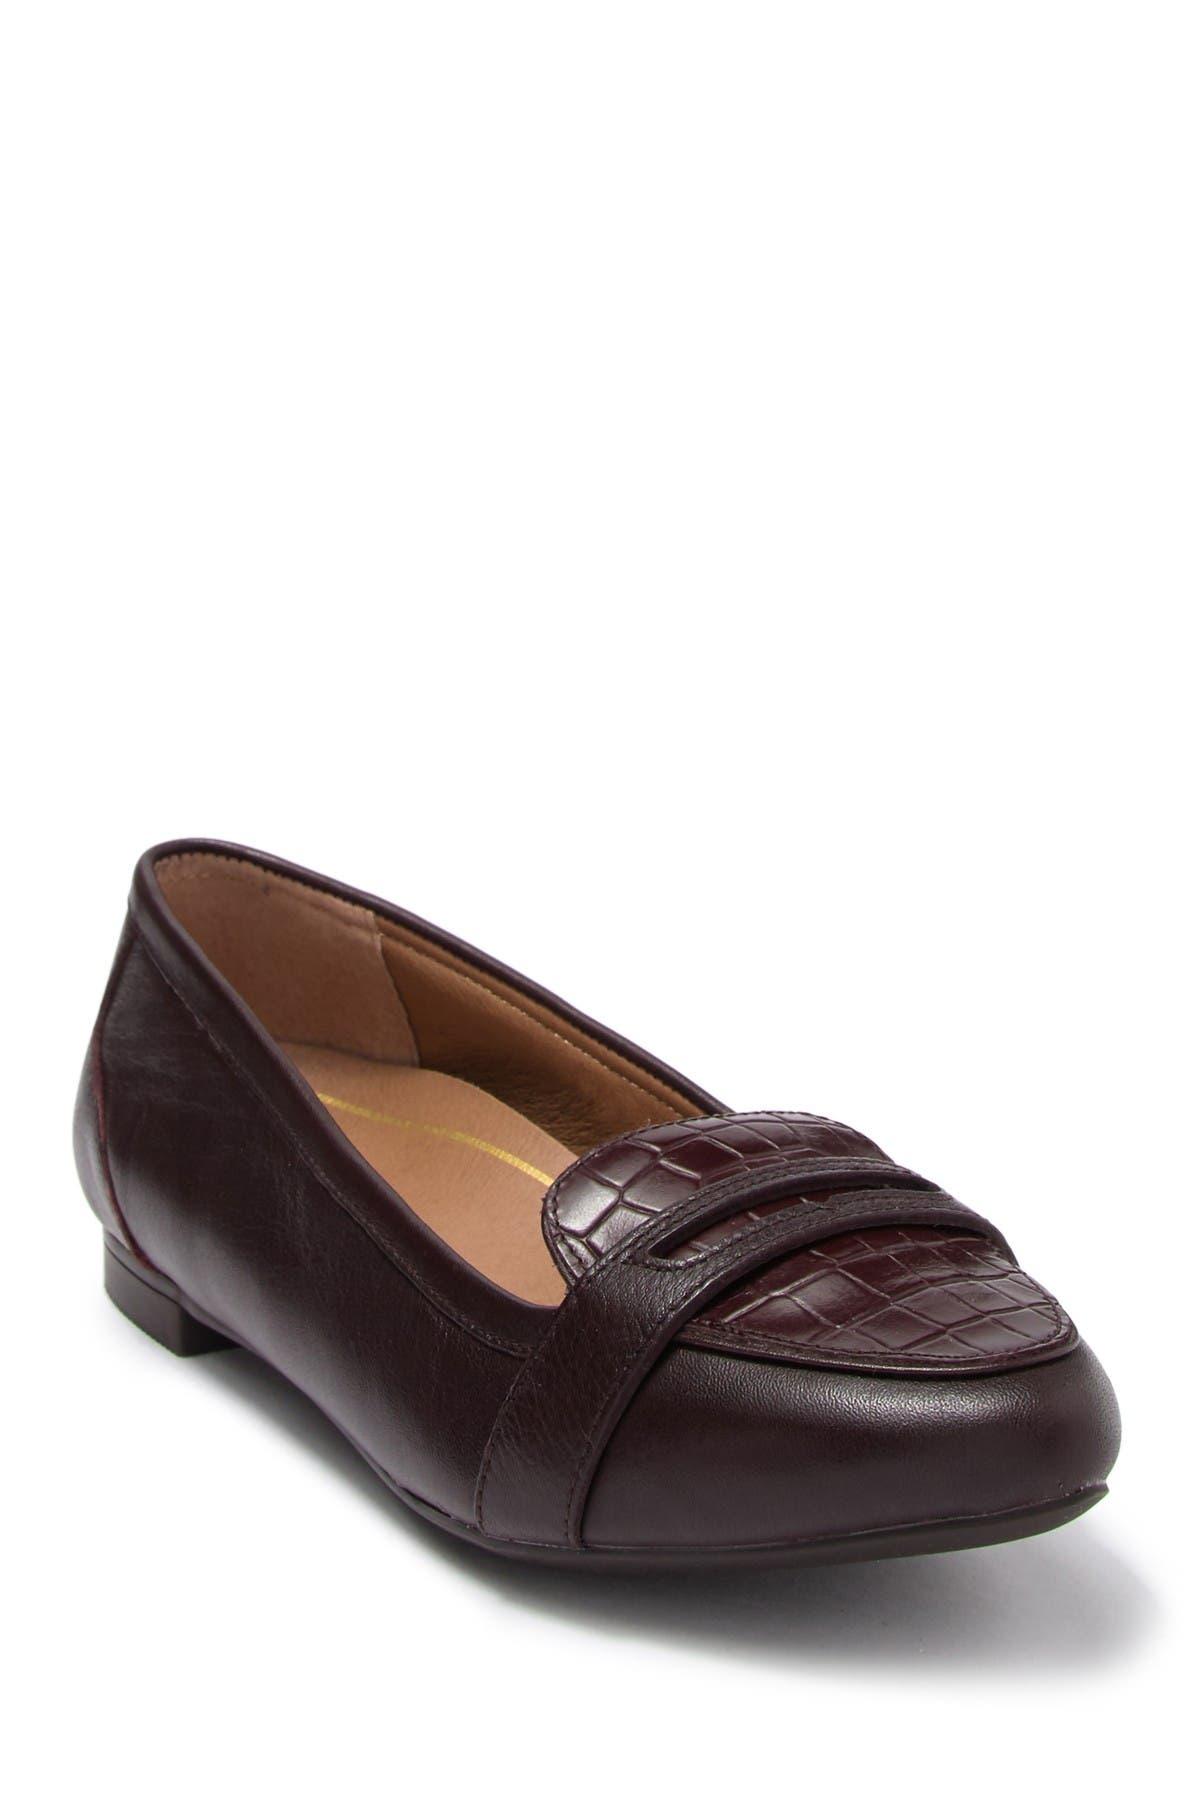 Vionic | Savannah Croc Embossed Leather